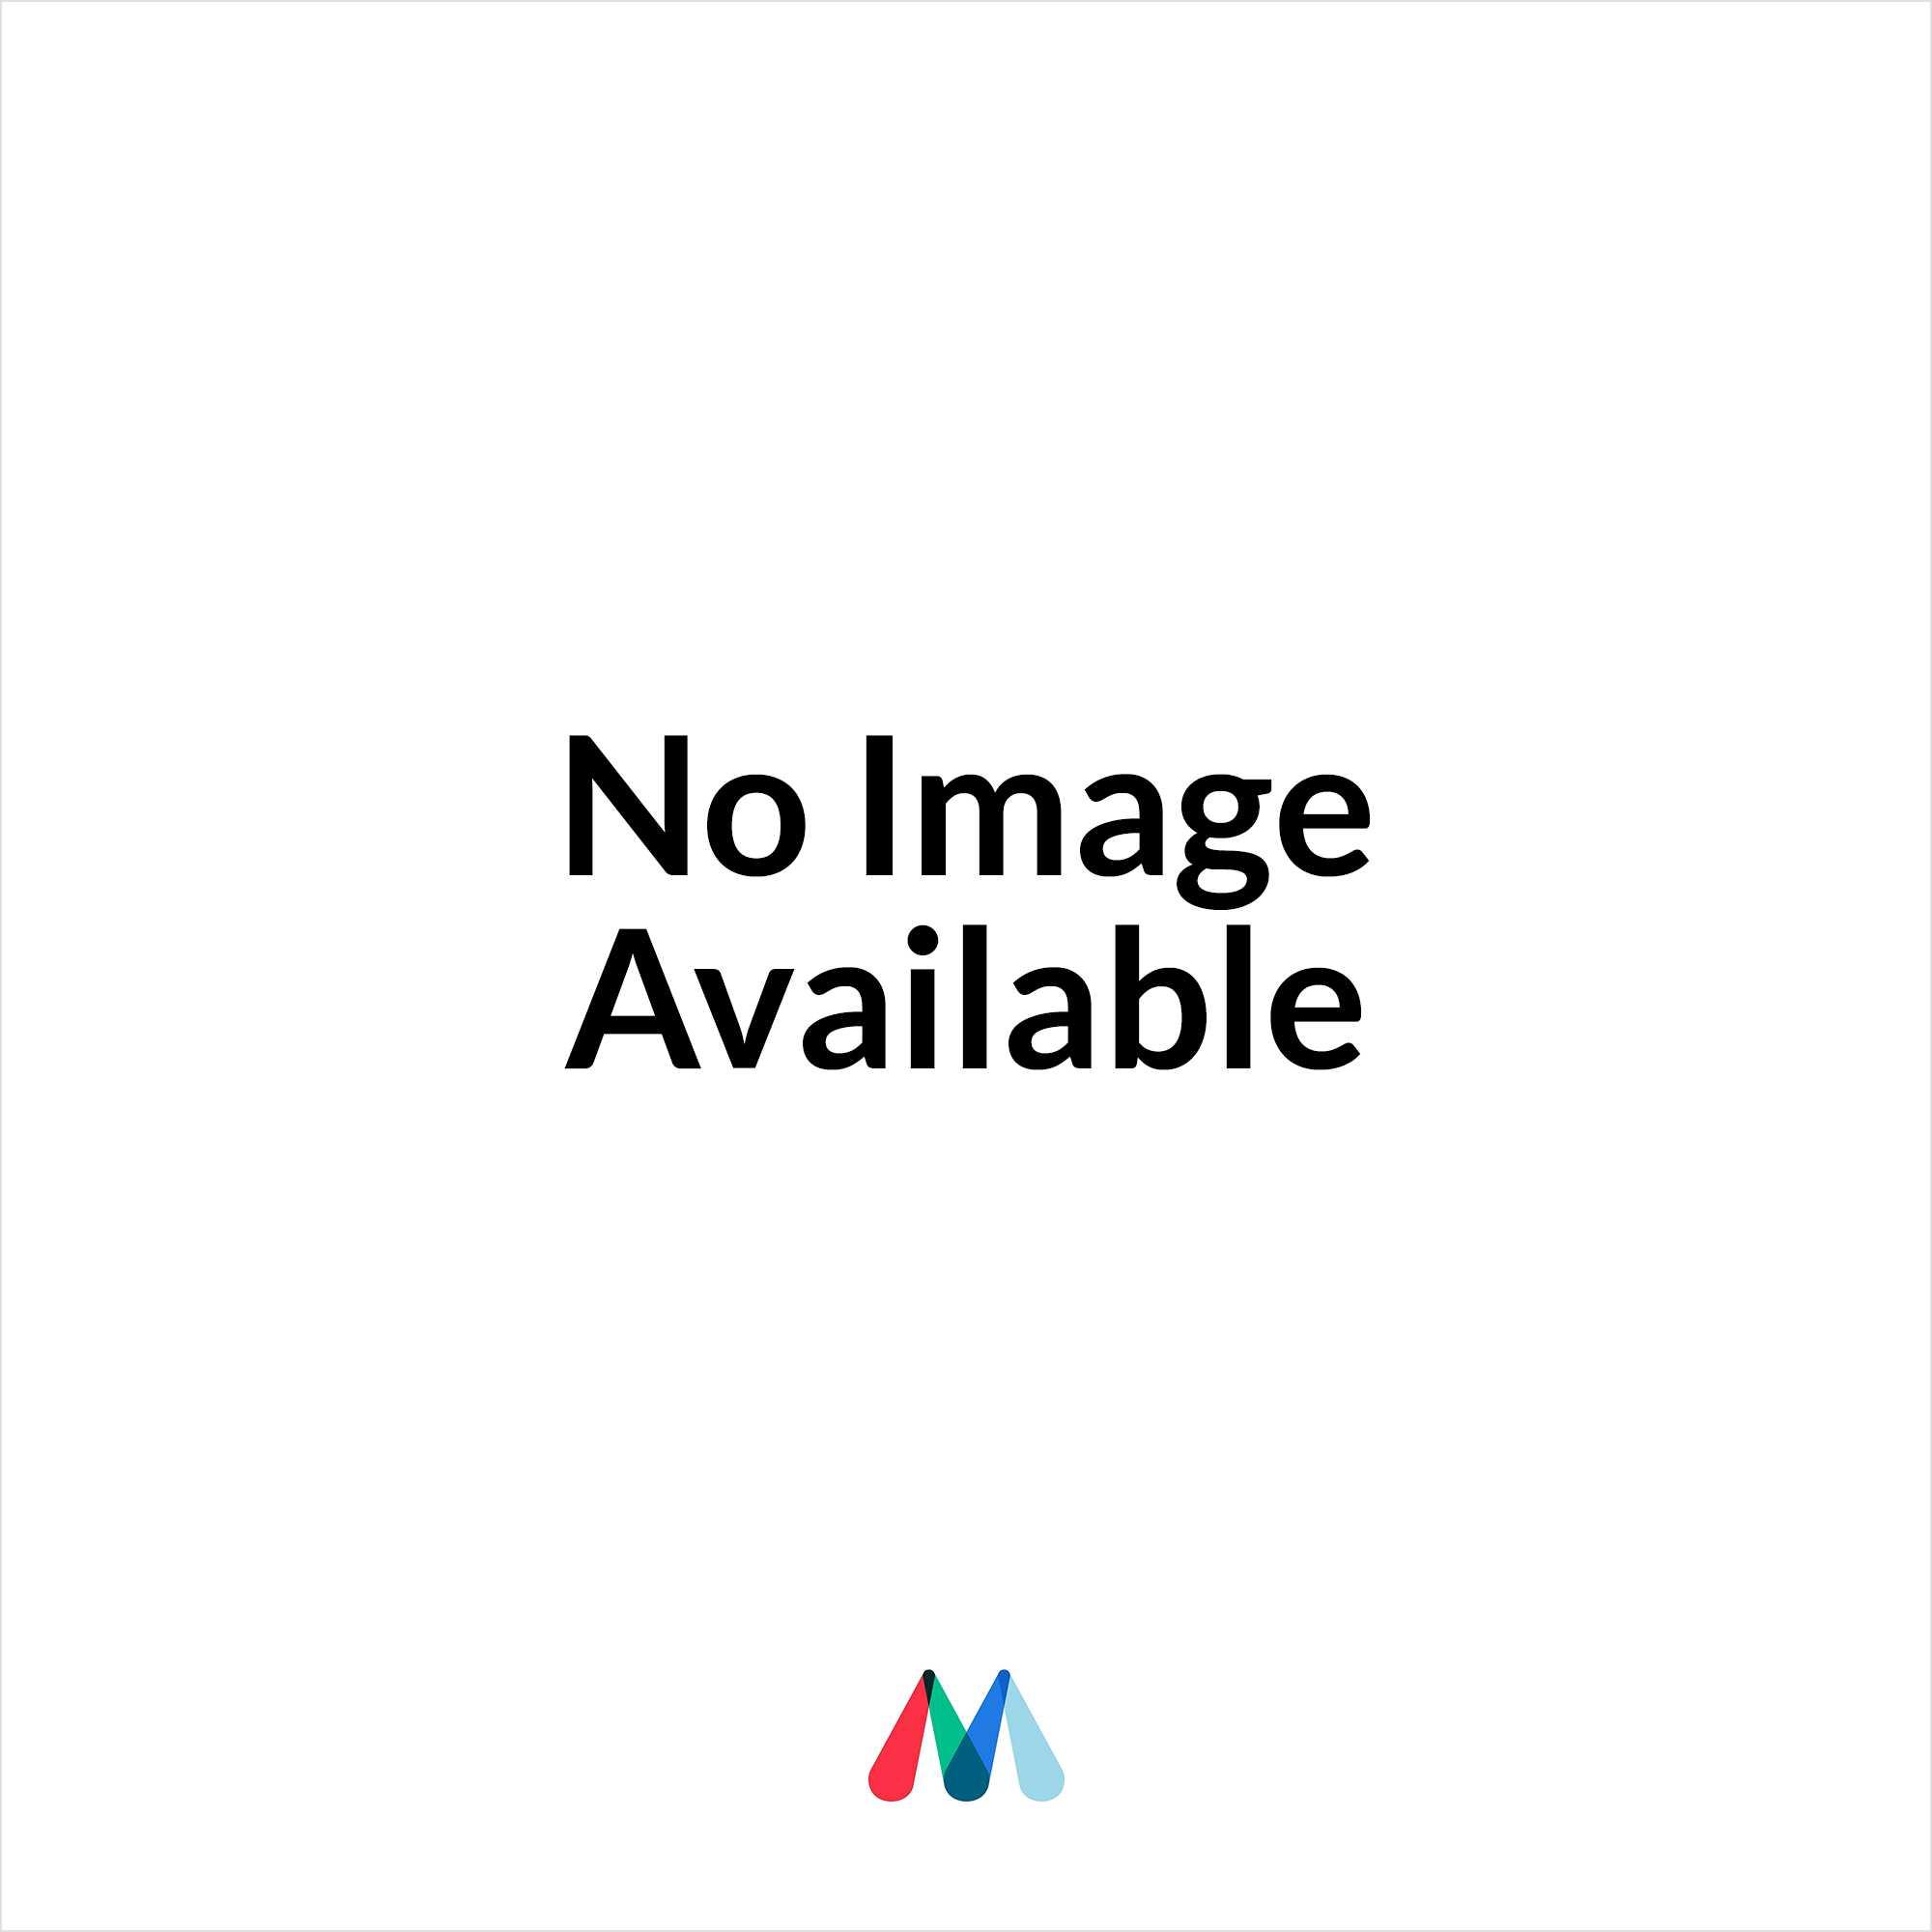 LL030CARGB Colour change LED unit (MR16 retro fit 23mm body) 3w - Aluminium - Low voltage